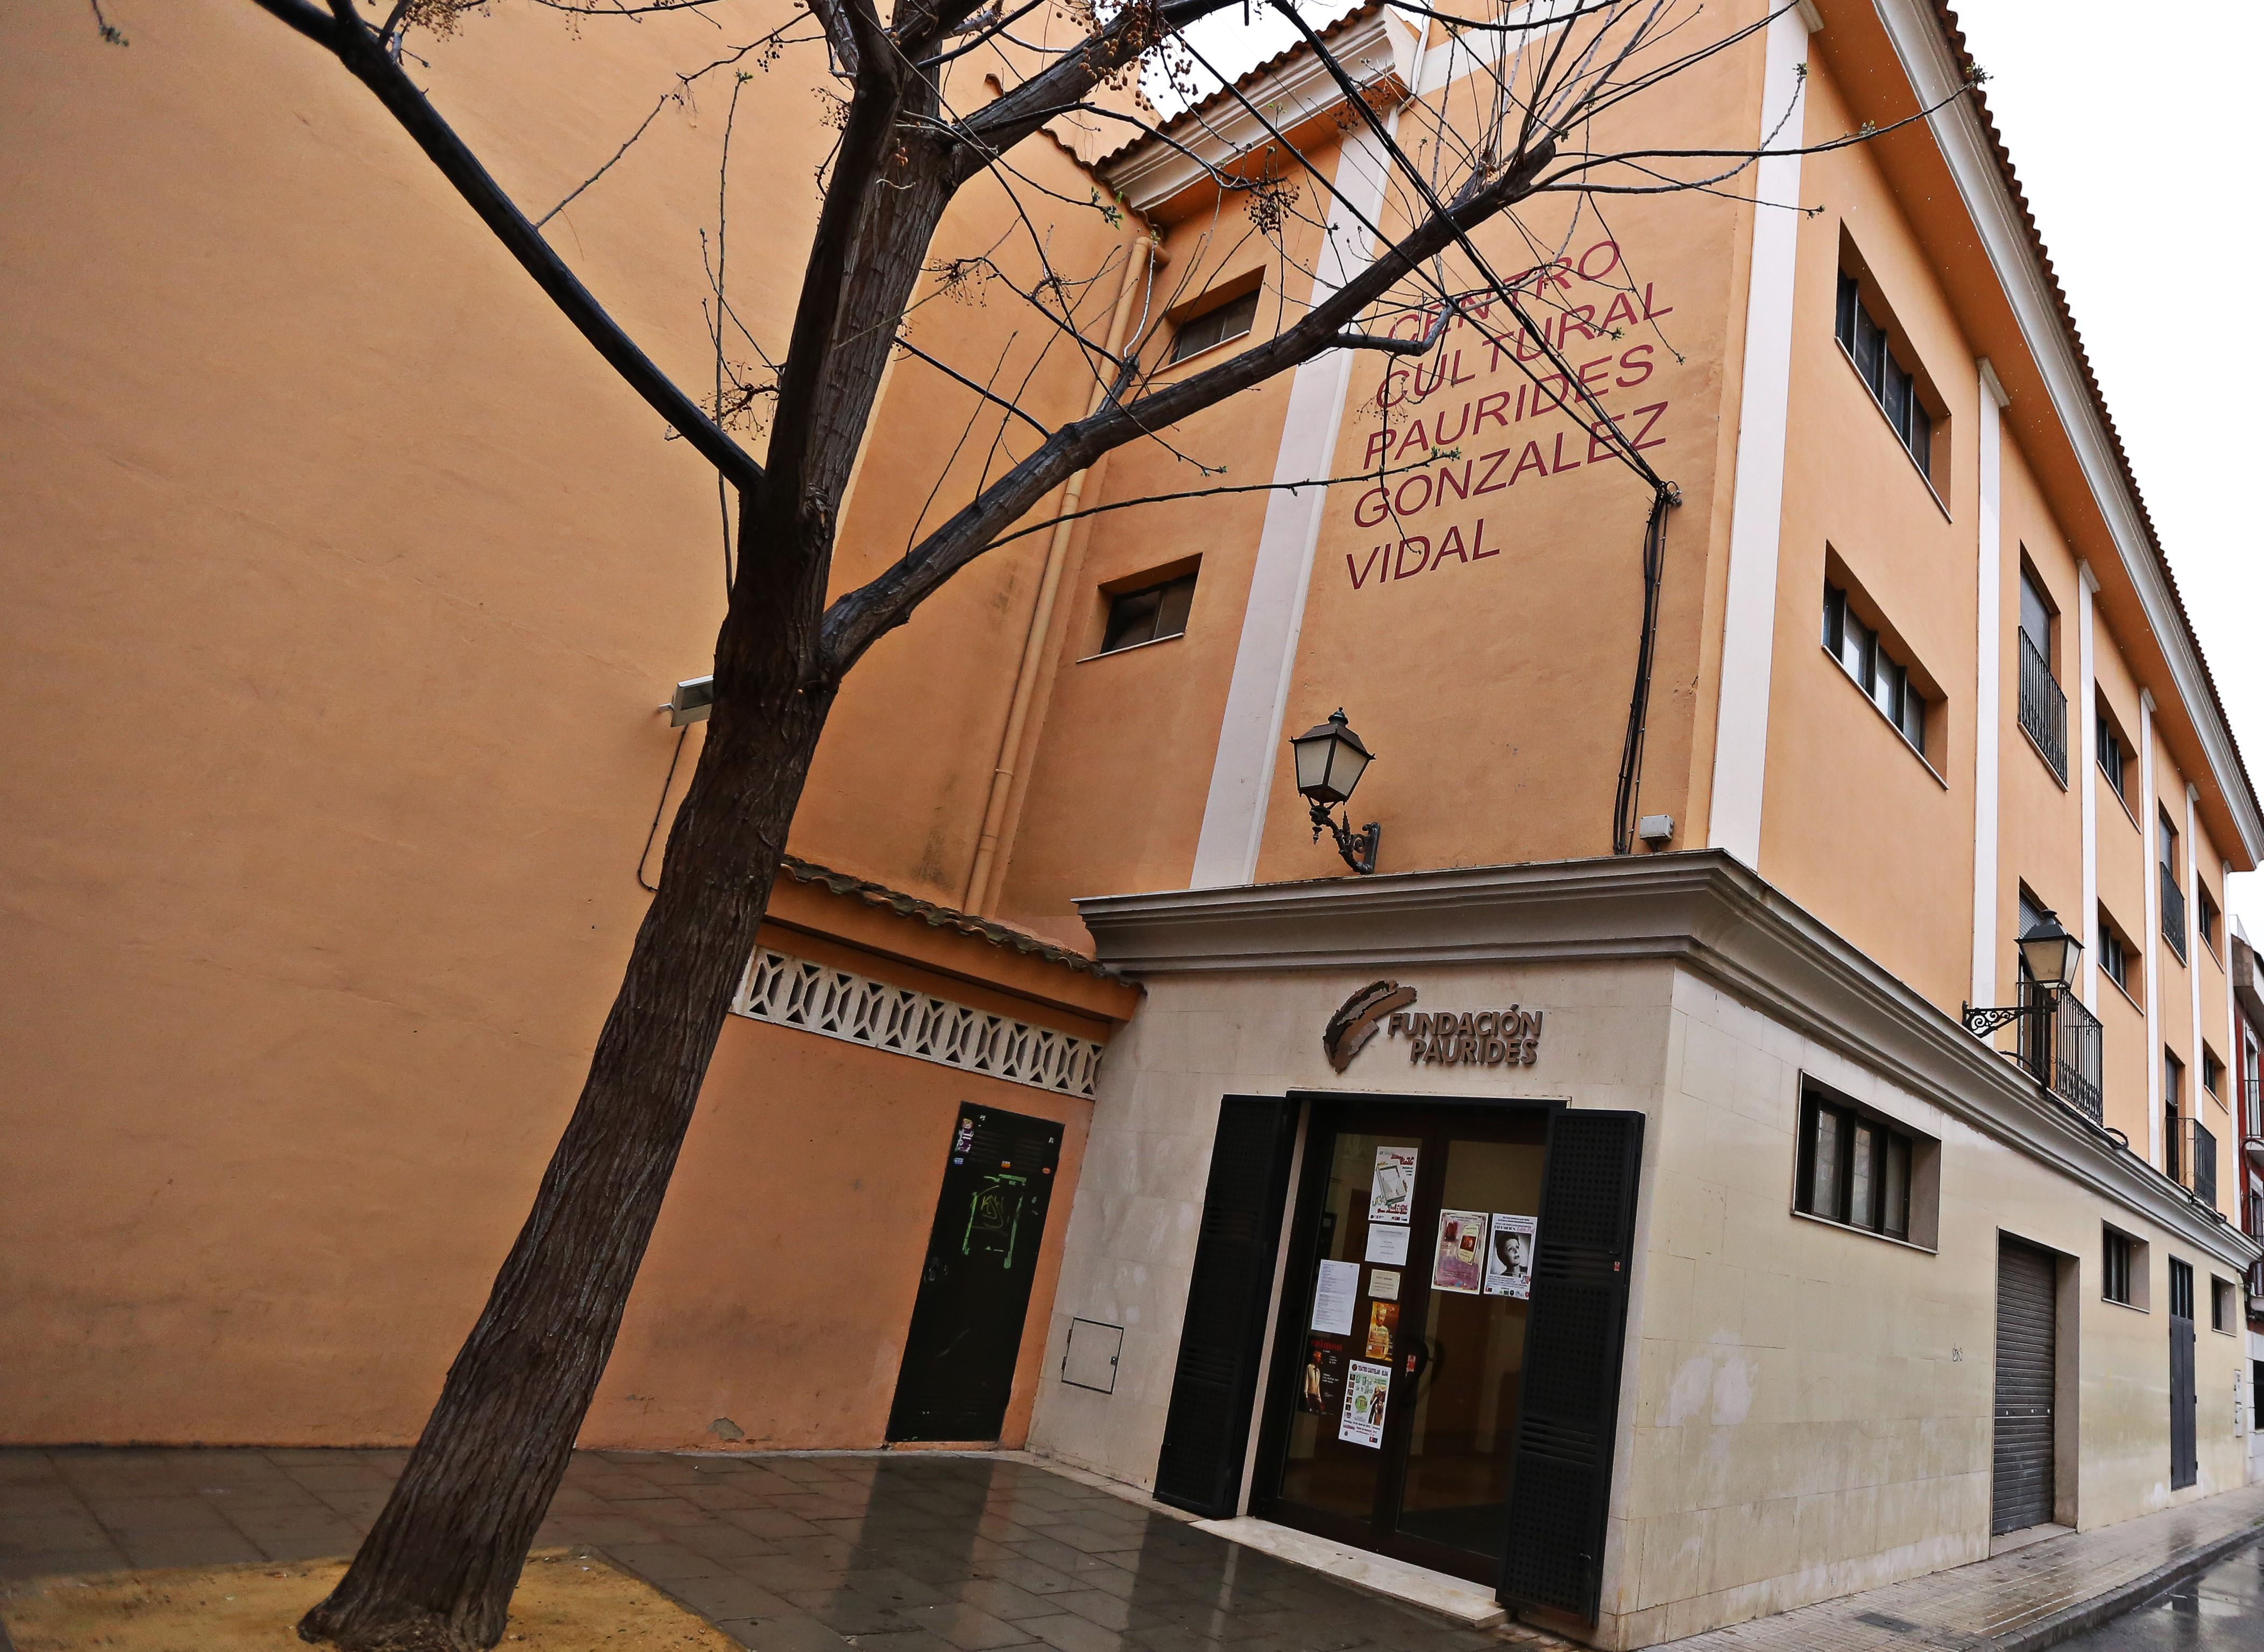 El Ayuntamiento de Elda renueva el convenio de colaboración con la Fundación Paurides por un importe de 17.000 euros